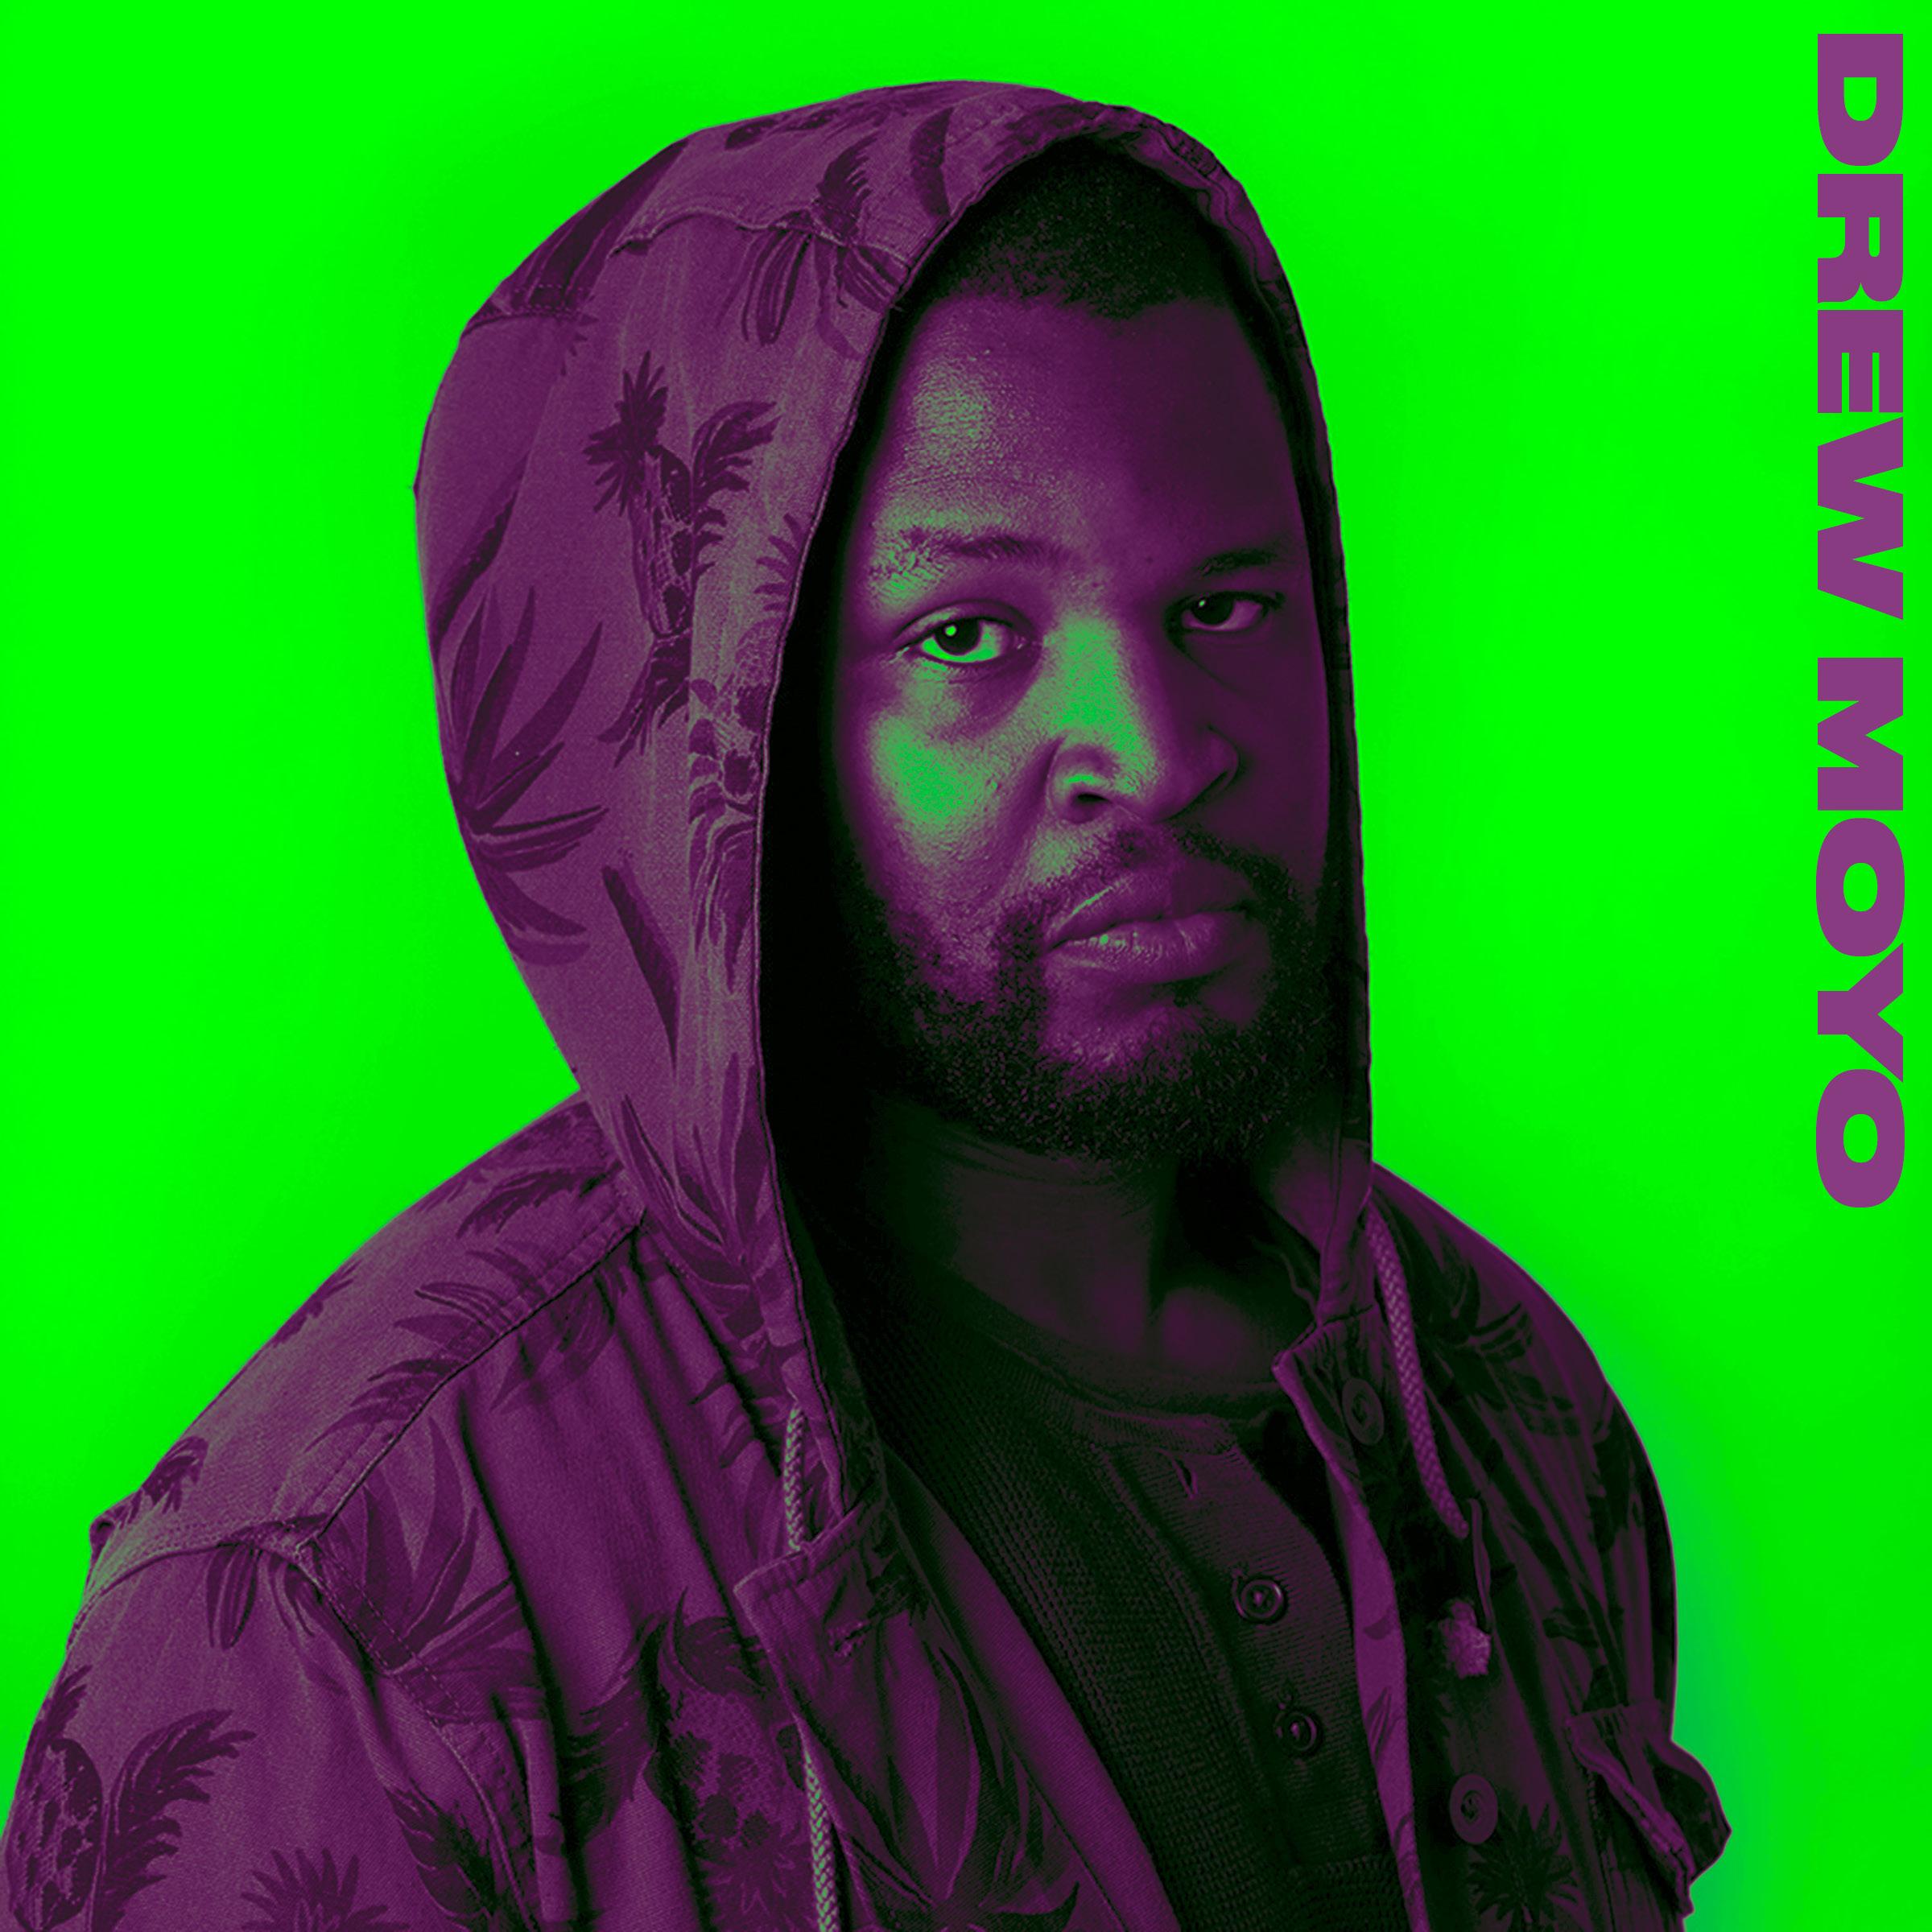 """Foto: N/A  Drew Moyo er Malawis største DJ, som produserer elektronisk musikk som henter inspirasjon fra tradisjonell musikk fra hjemlandet. Denne rike blandingen av musikk kan godt defineres som African Dance Music, og kommer med danse-garanti! Siden oppveksten i Lilongwe, har Drew Moyo vært en pionér innen elektronisk musikk i hjemlandet, og slapp Malawis første house album, """"The Journey"""", i 2008. Siden den gang har han samarbeidet med en rekke folk og opptrådt på flere store festivaler. Kjærligheten brakte han til Hamar, og nå er han aktuell med helt nye utgivelser og samarbeid!"""